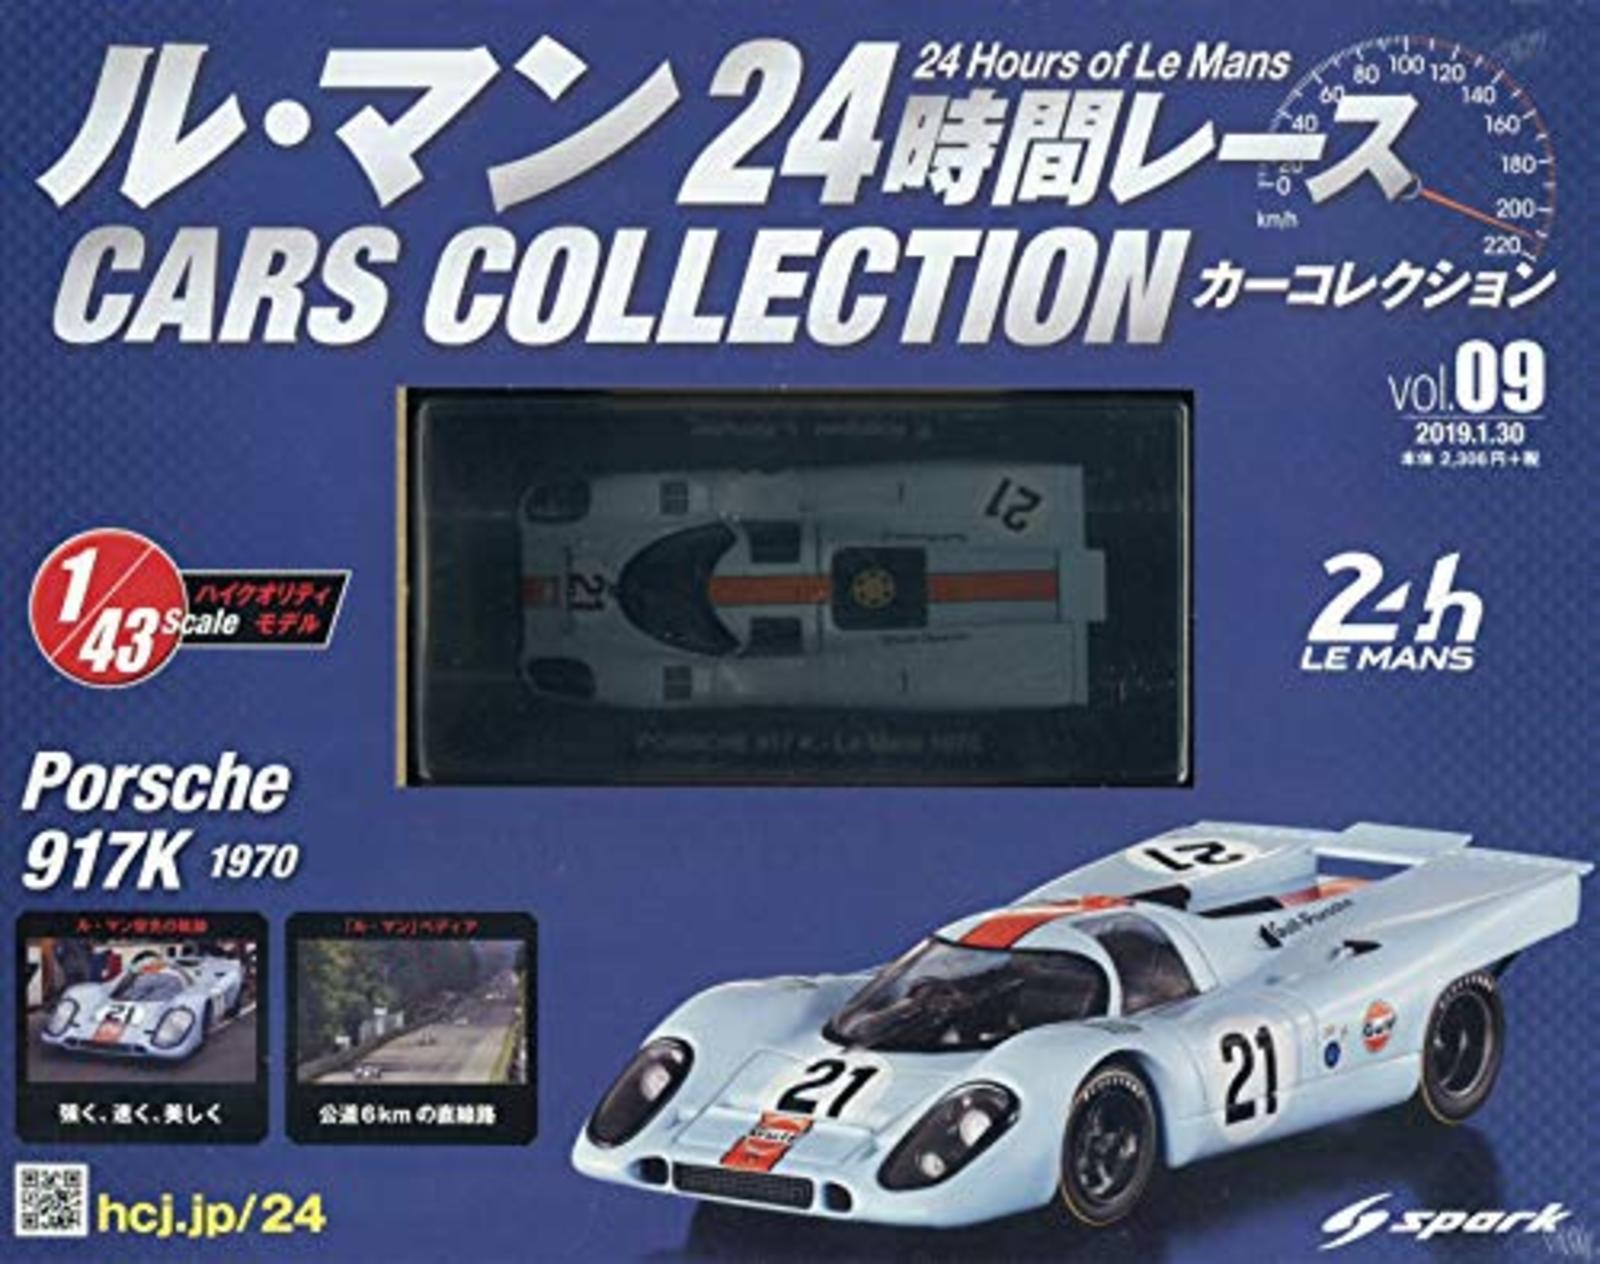 Le hommes  1 43 voitures collection 9 PORSCHE 917K (1970) F S avec Nº de suivi le Japon NEUF  nouveau sadie